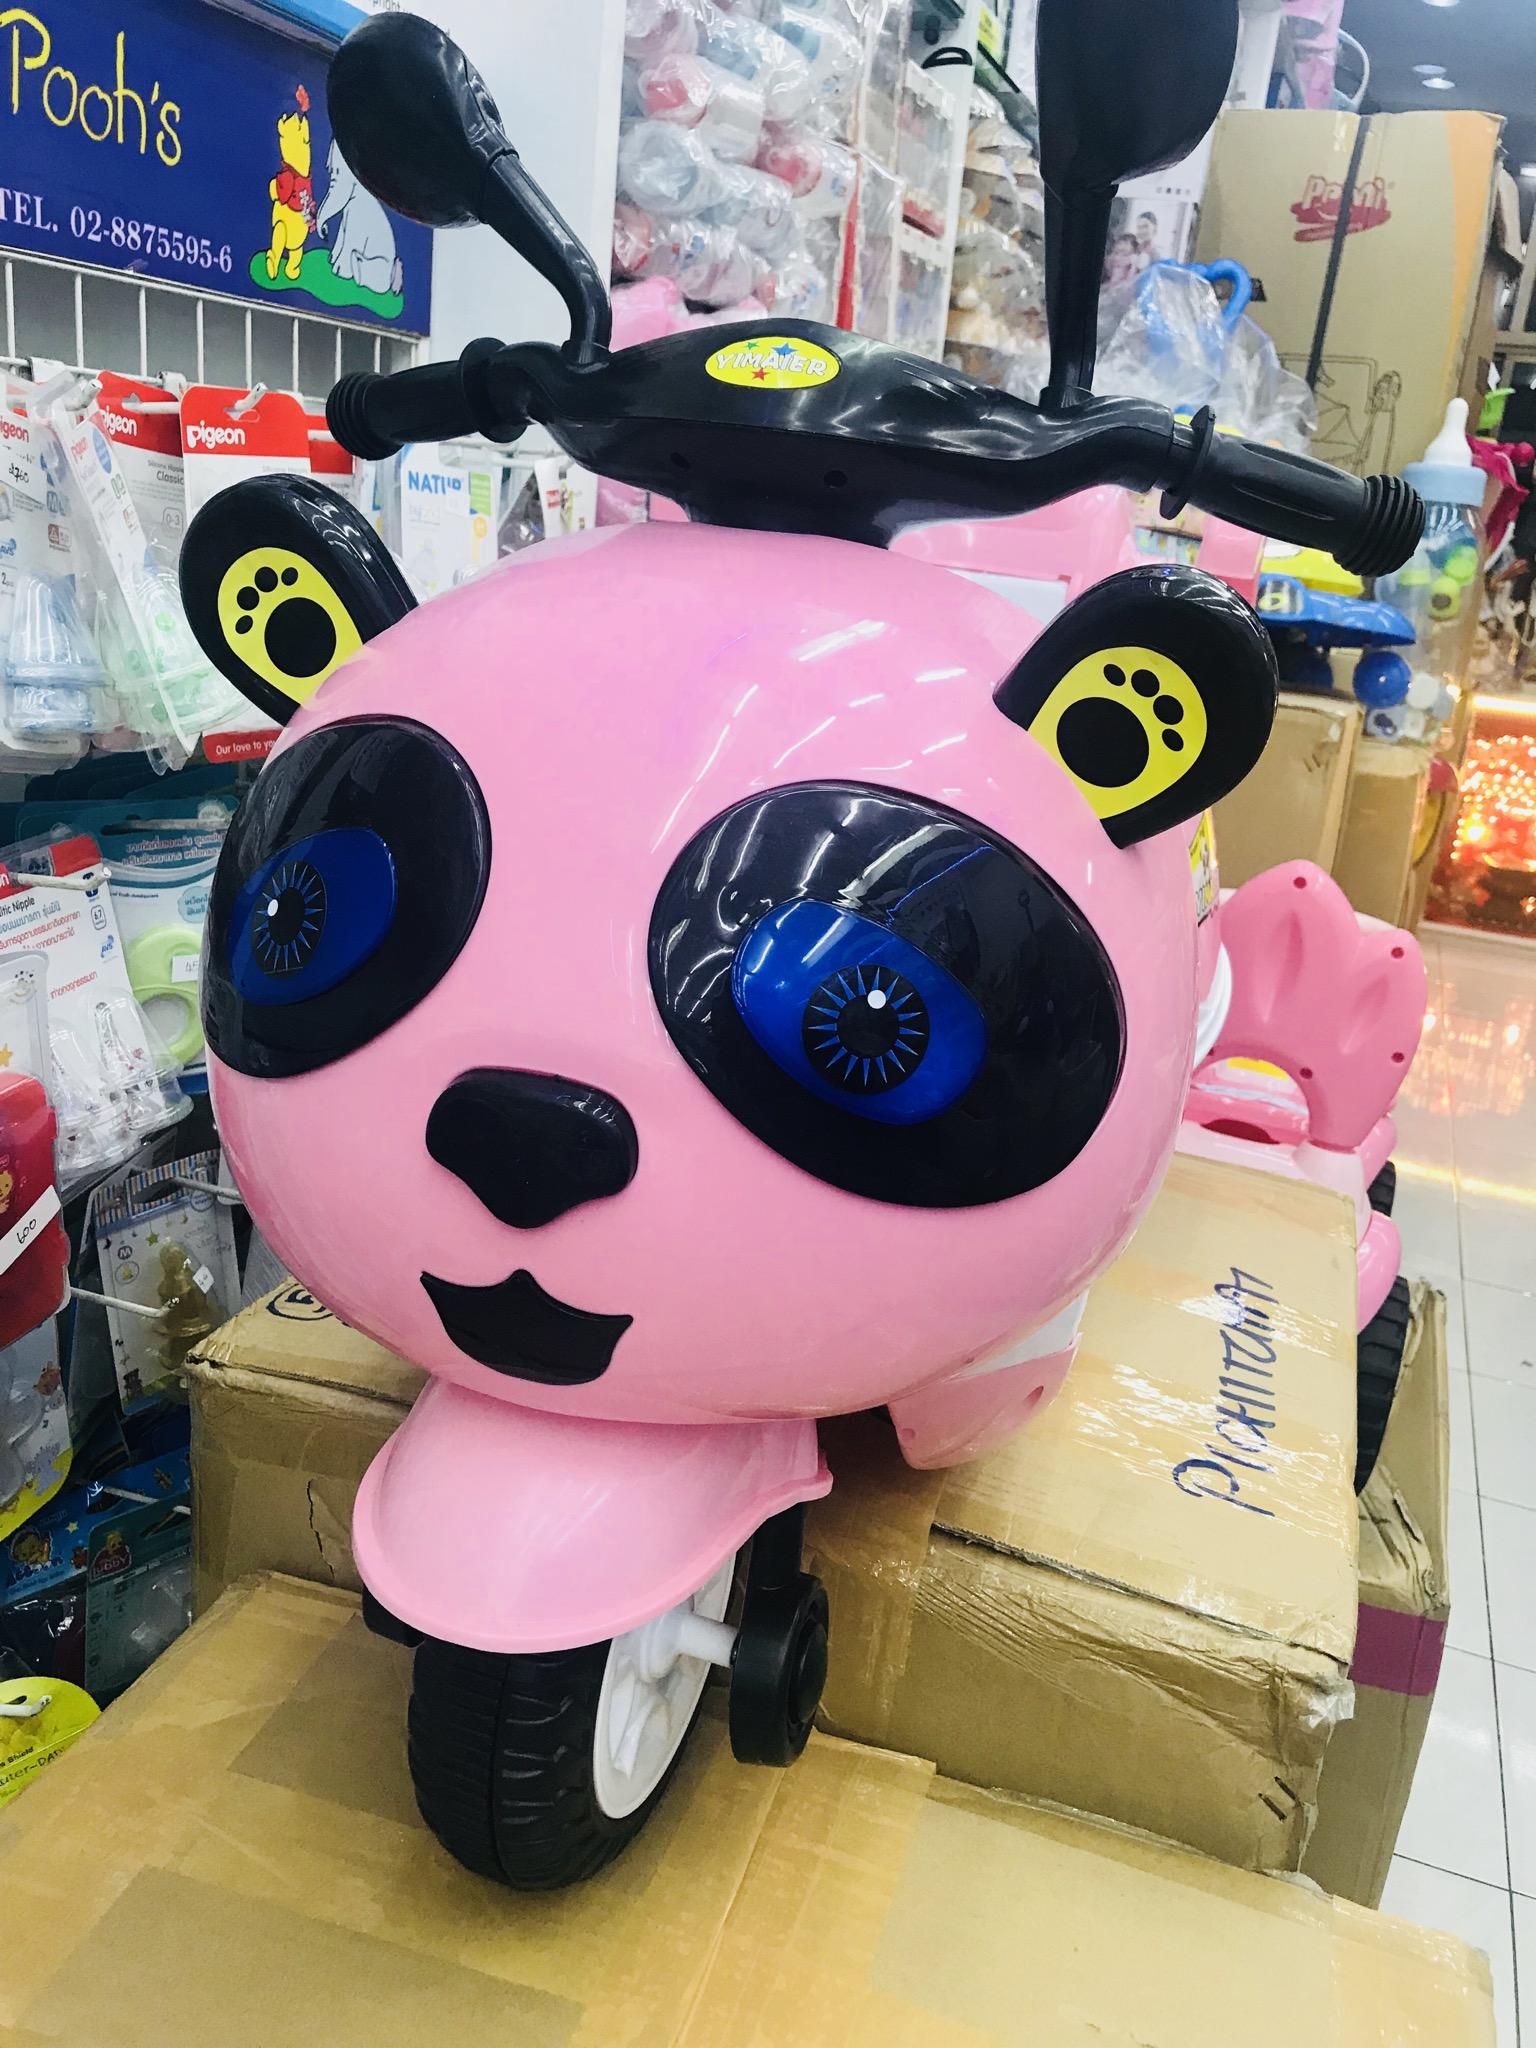 รถดุ๊กดิ๊ก แพนด้า สีชมพูหวานน่ารัก